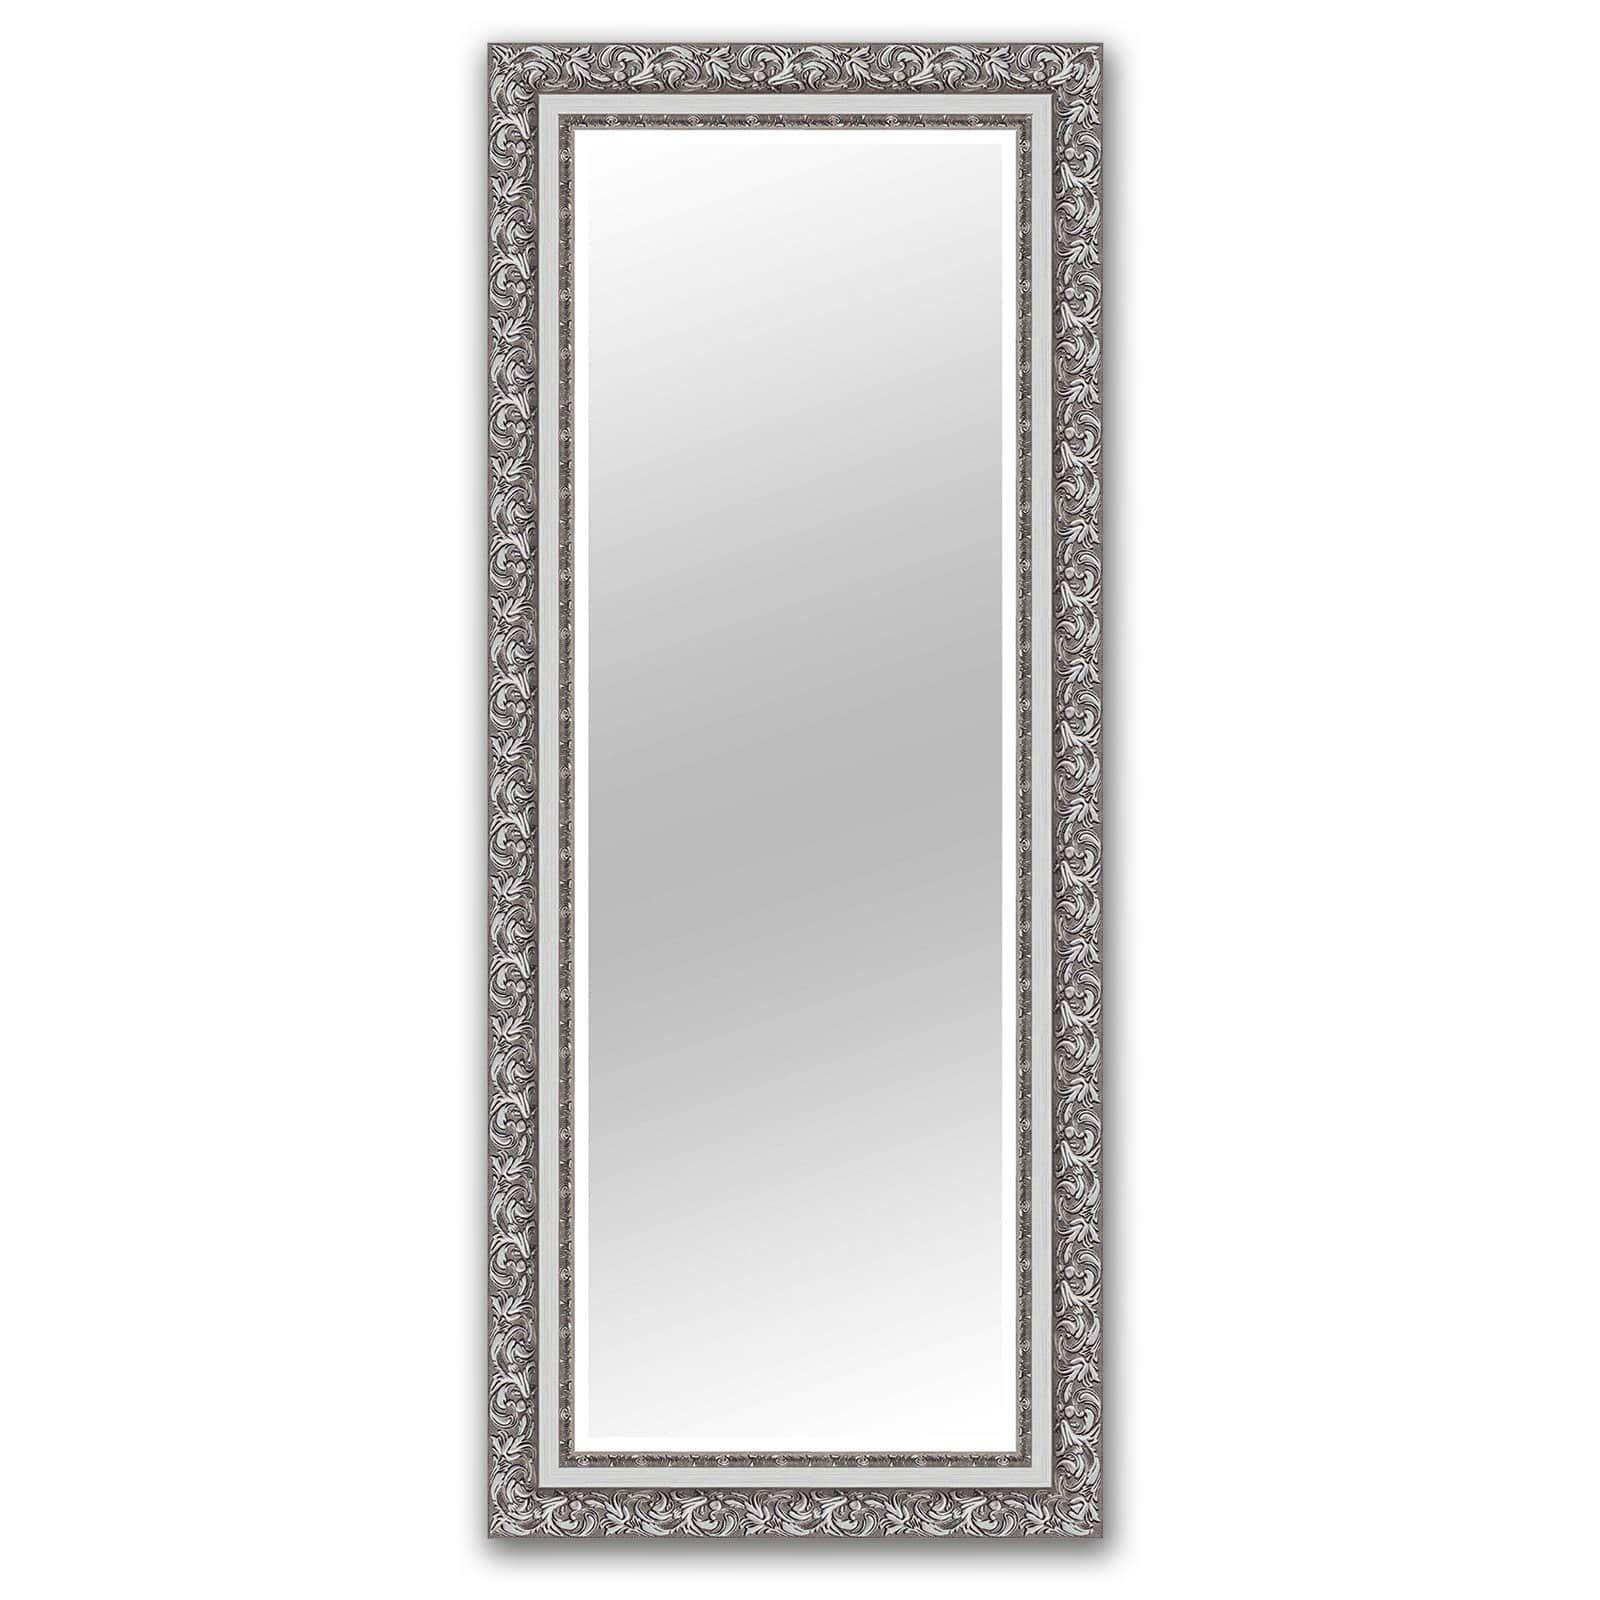 Schau Mal Was Ich Bei Roller Gefunden Habe Spiegel Silber